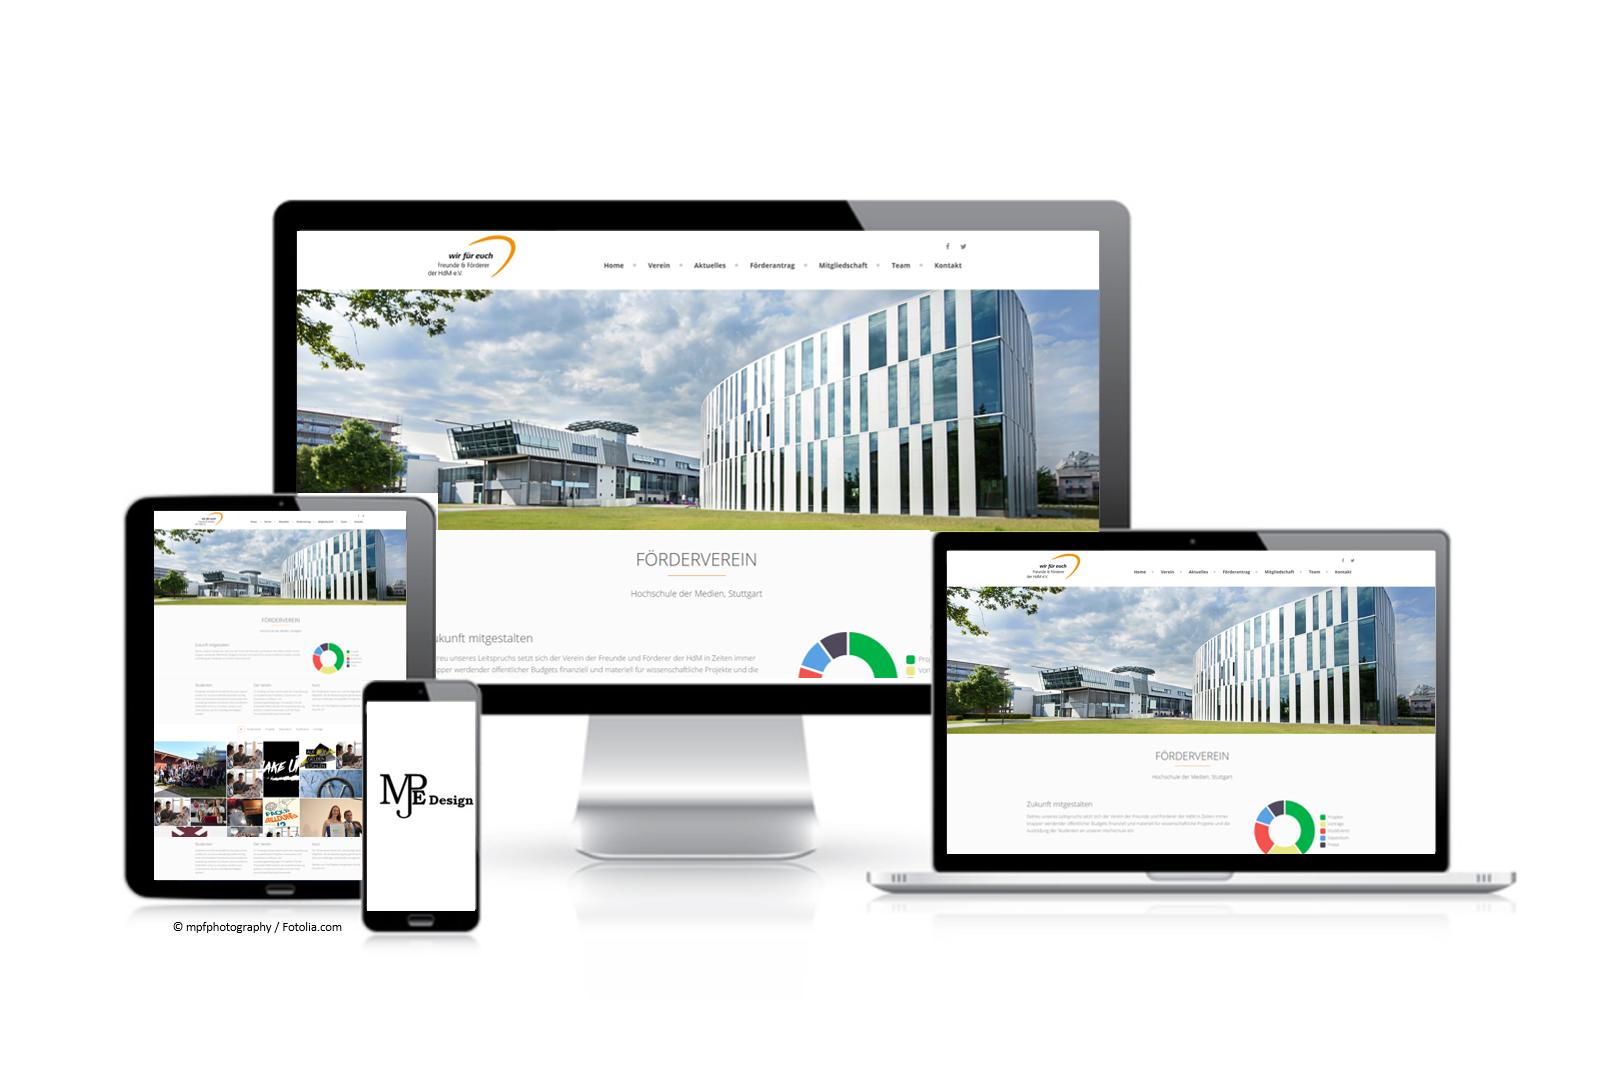 foerderverein-hochschule-der-medie-mjpe-design